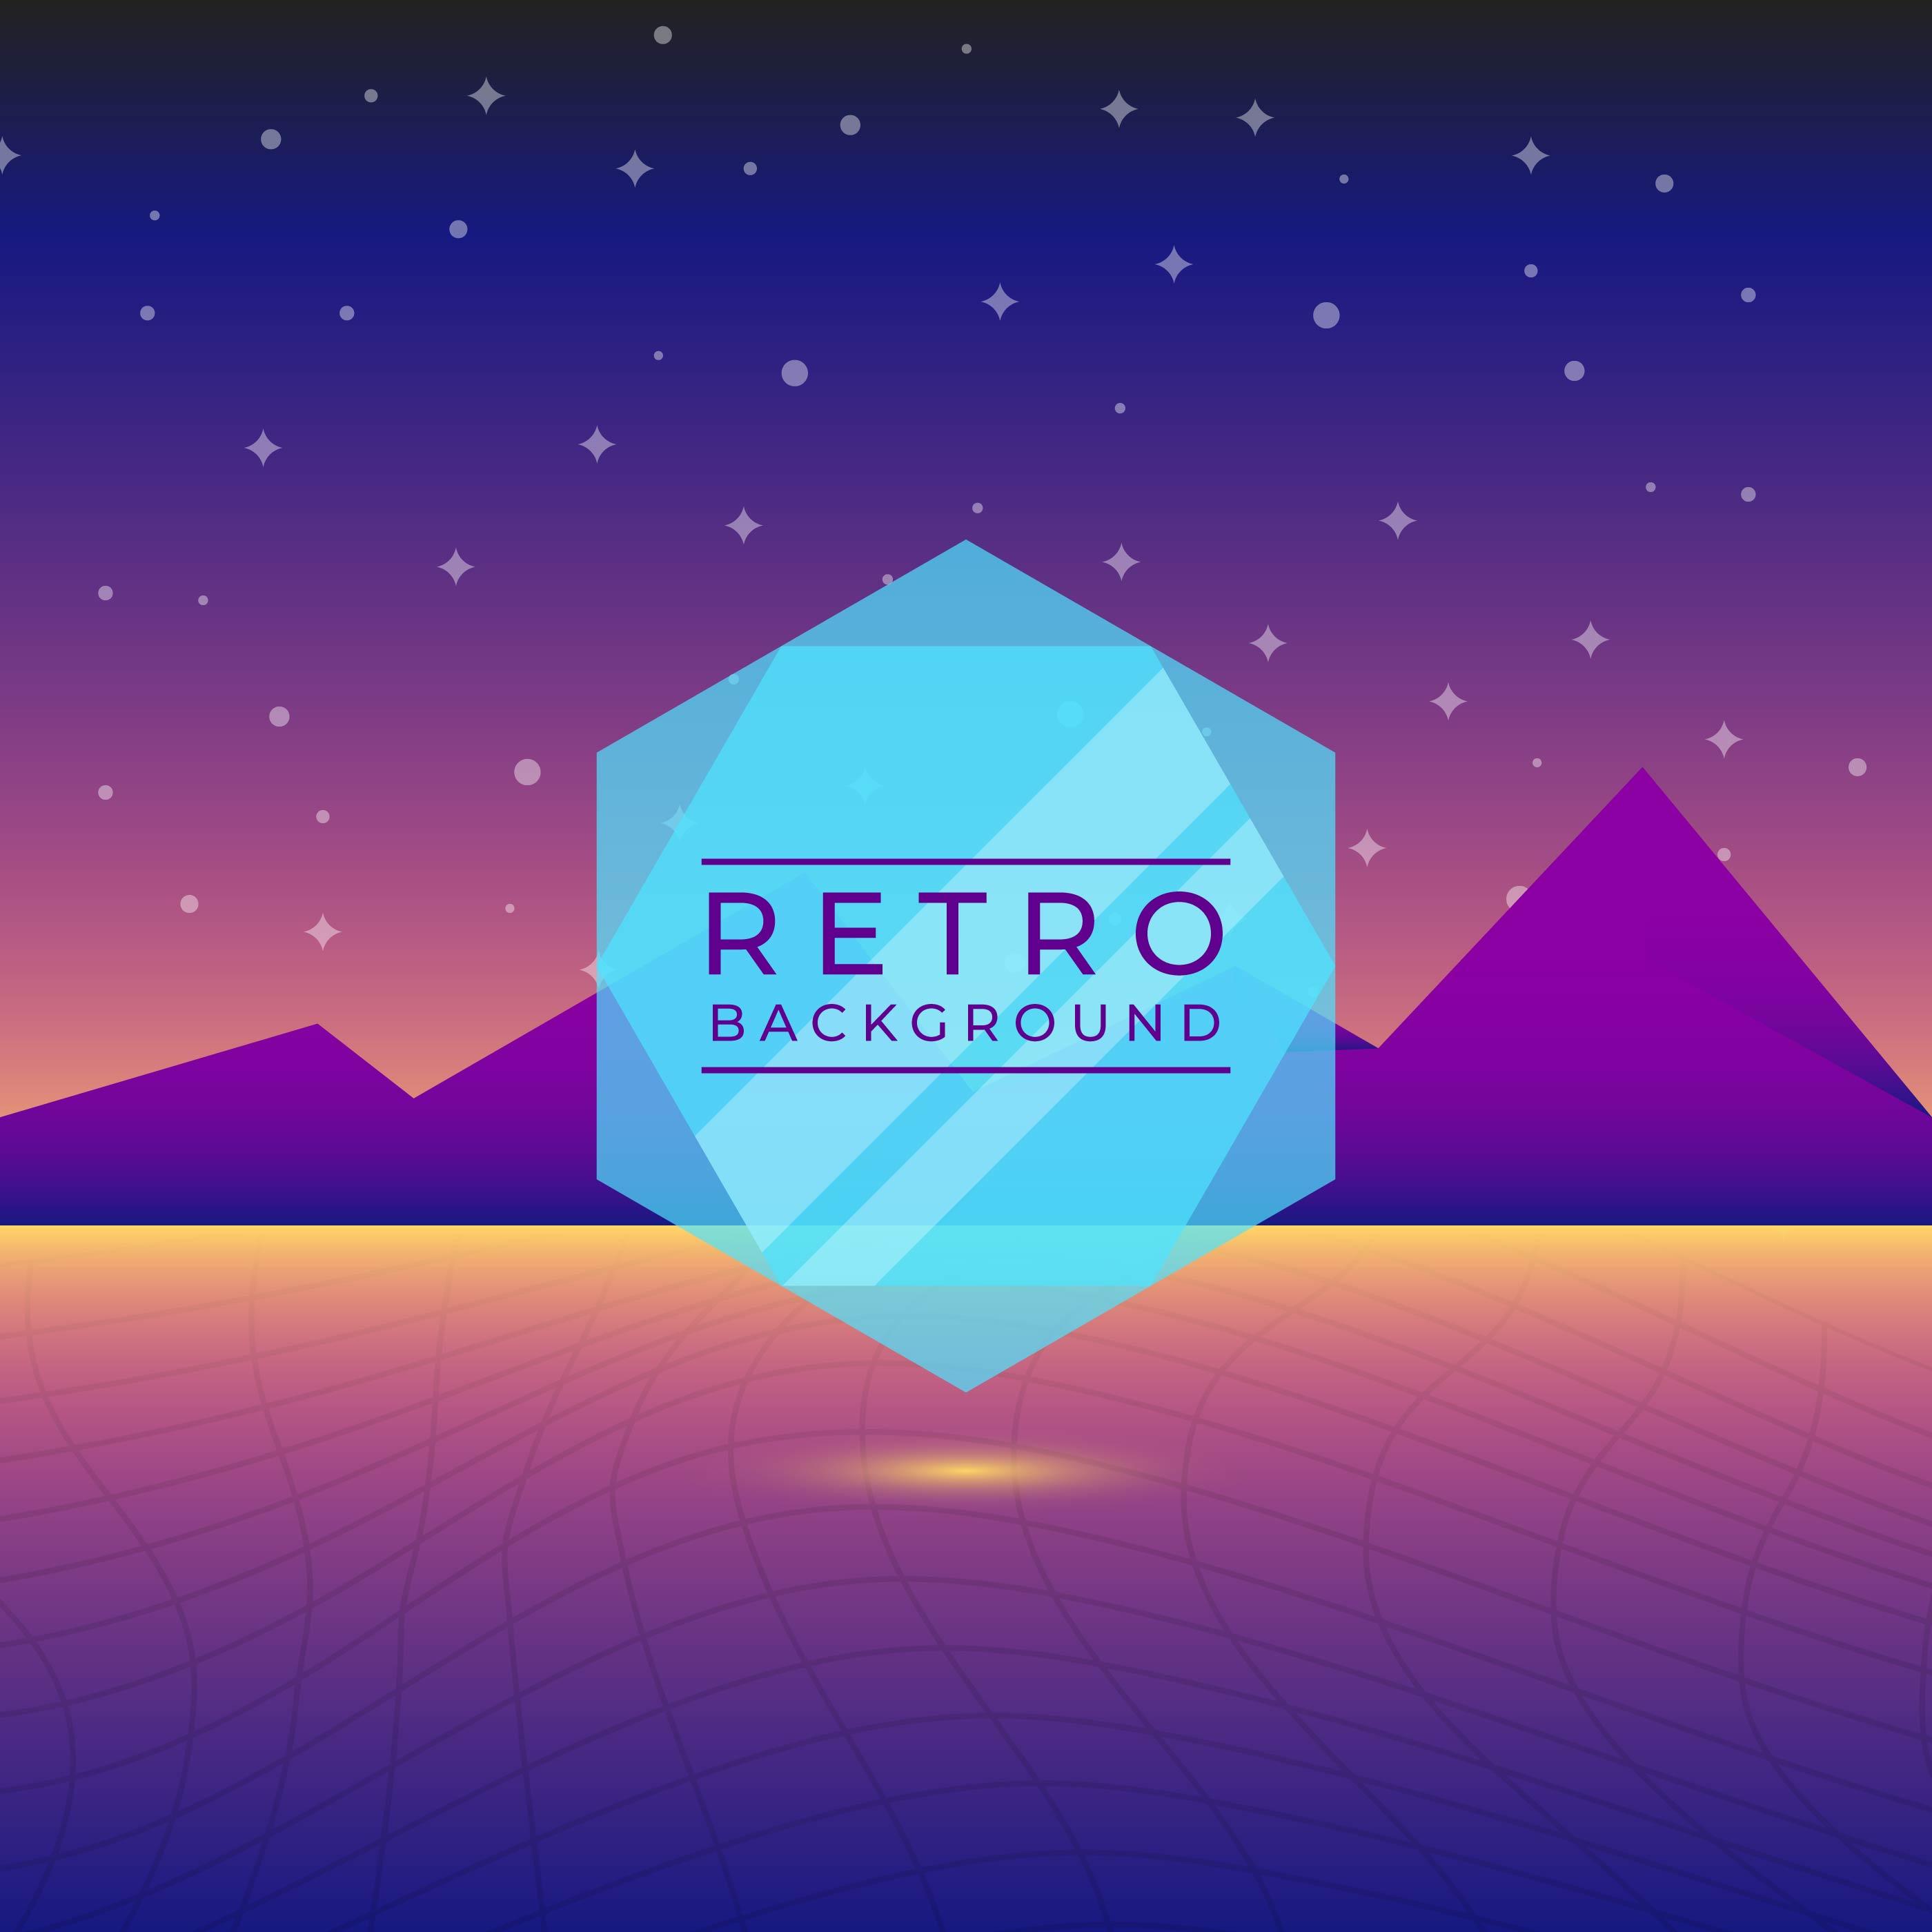 Flat Neon Retro Vector Background - Download Free Vectors ...